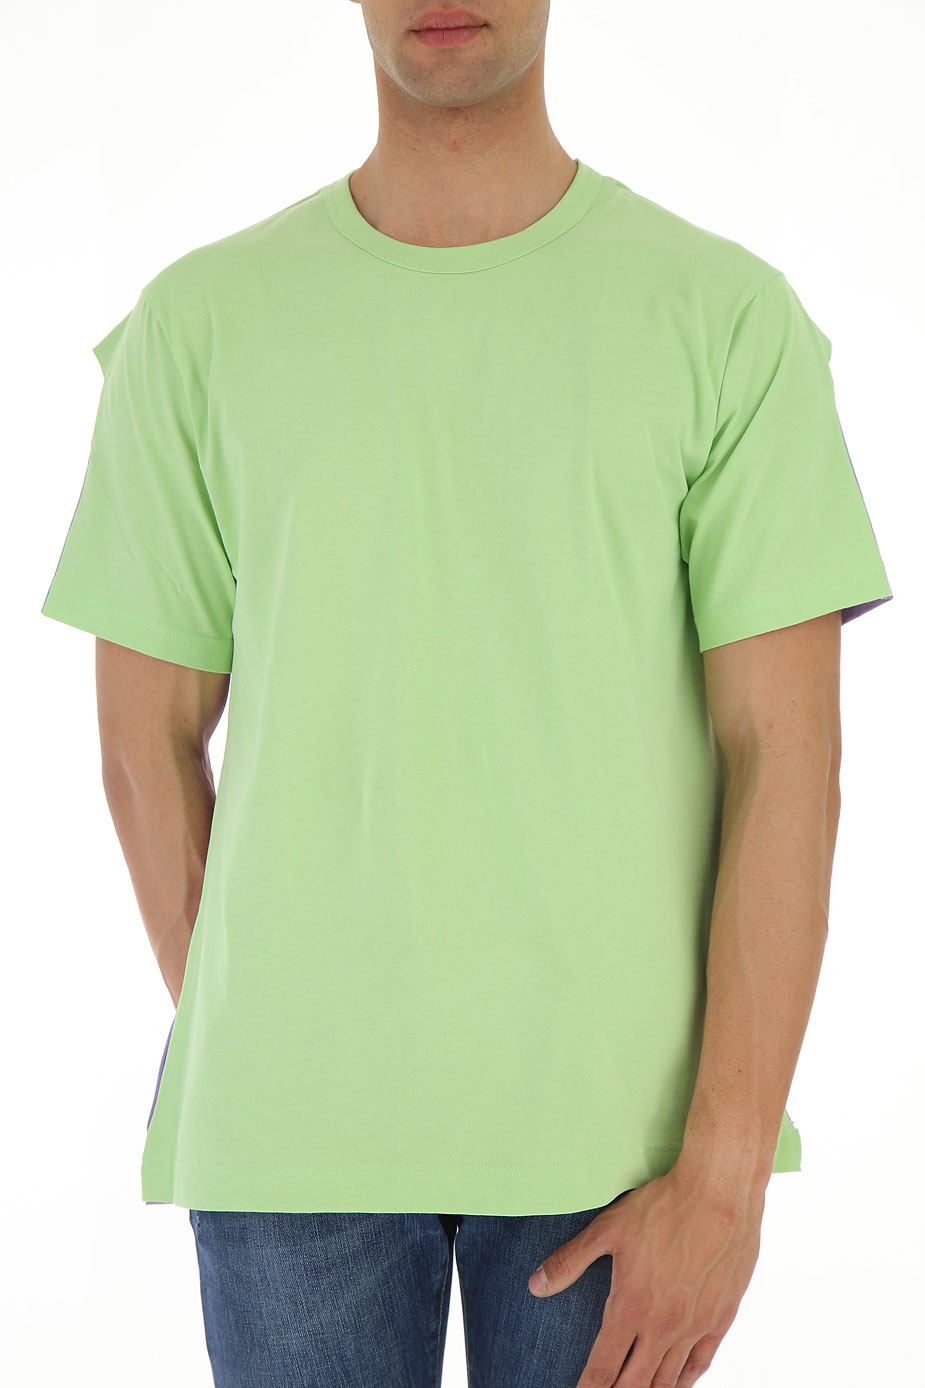 Abbigliamento Uomo Comme des Gar�ons, Codice Articolo: s26101-ver-